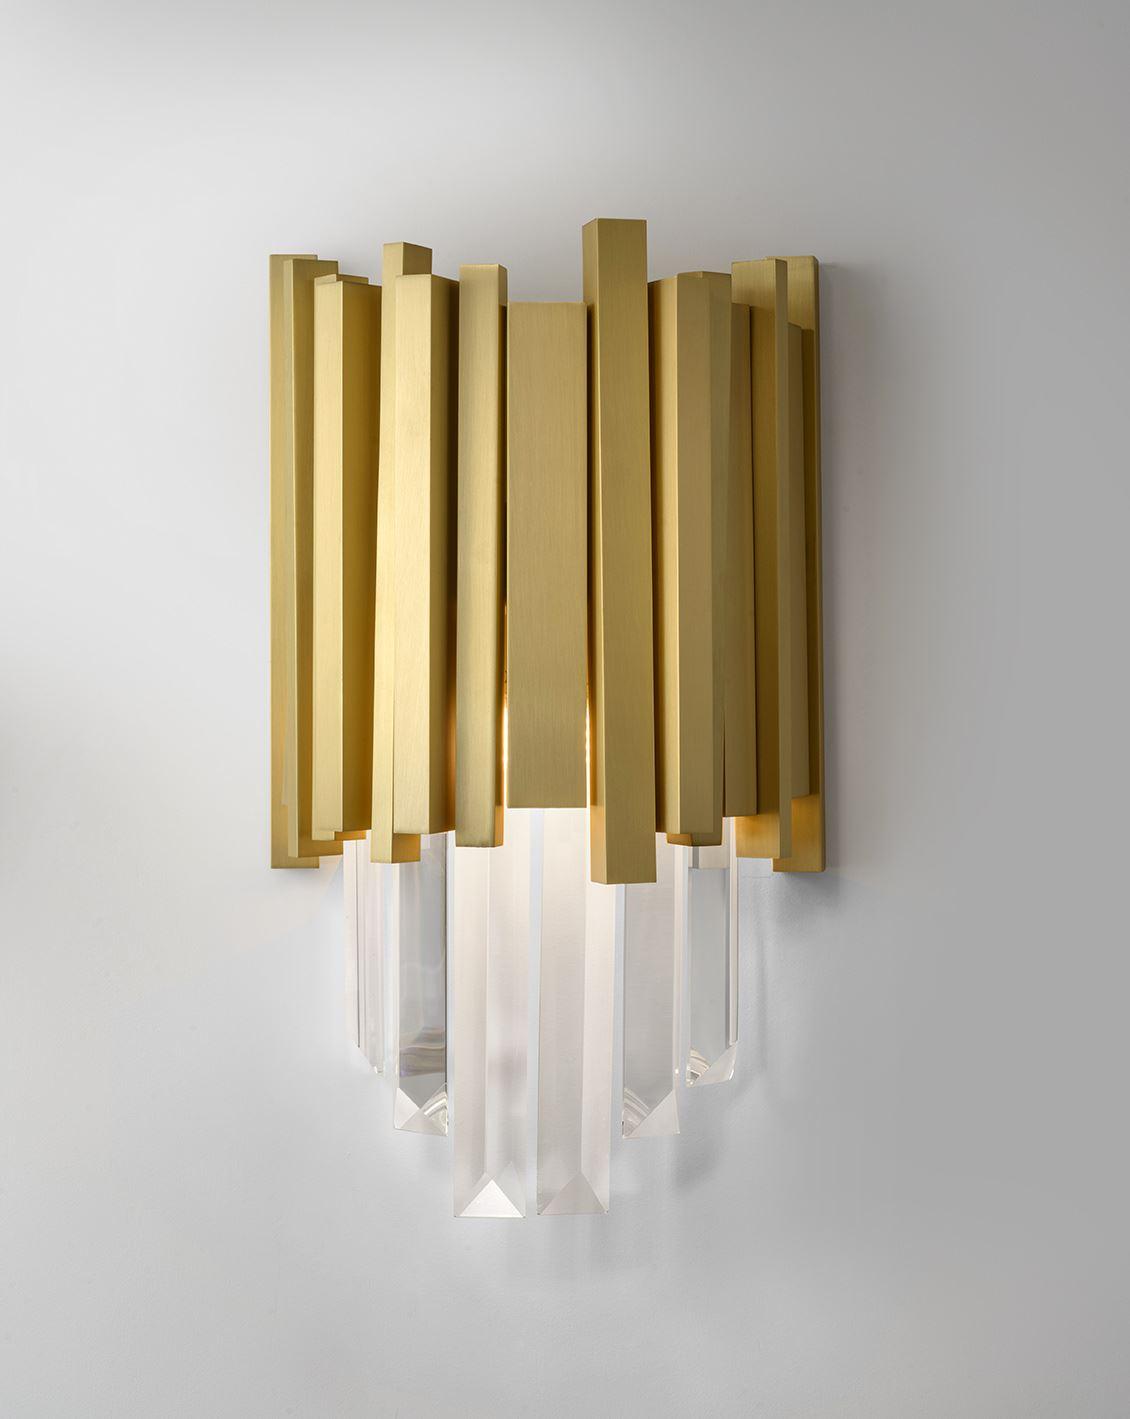 גופי תאורה בקטגוריית: דקורטיבי ,שם המוצר: ביאטריס